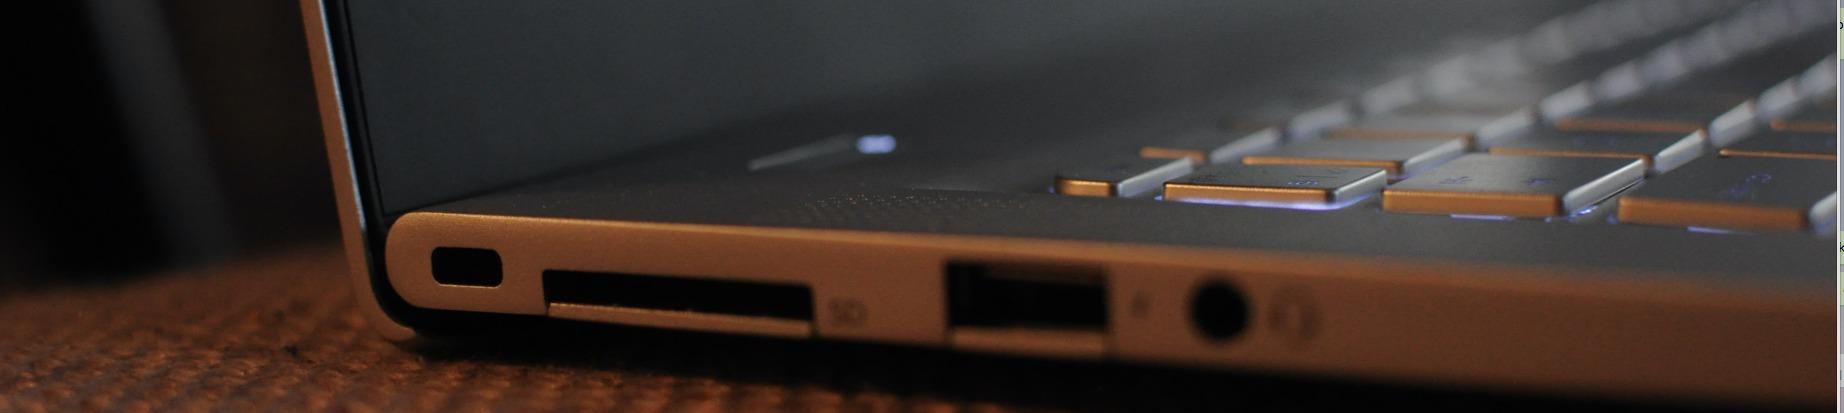 Kurven på bunnen av skjermen hever maskinen fra underlaget når skjermen er oppe.